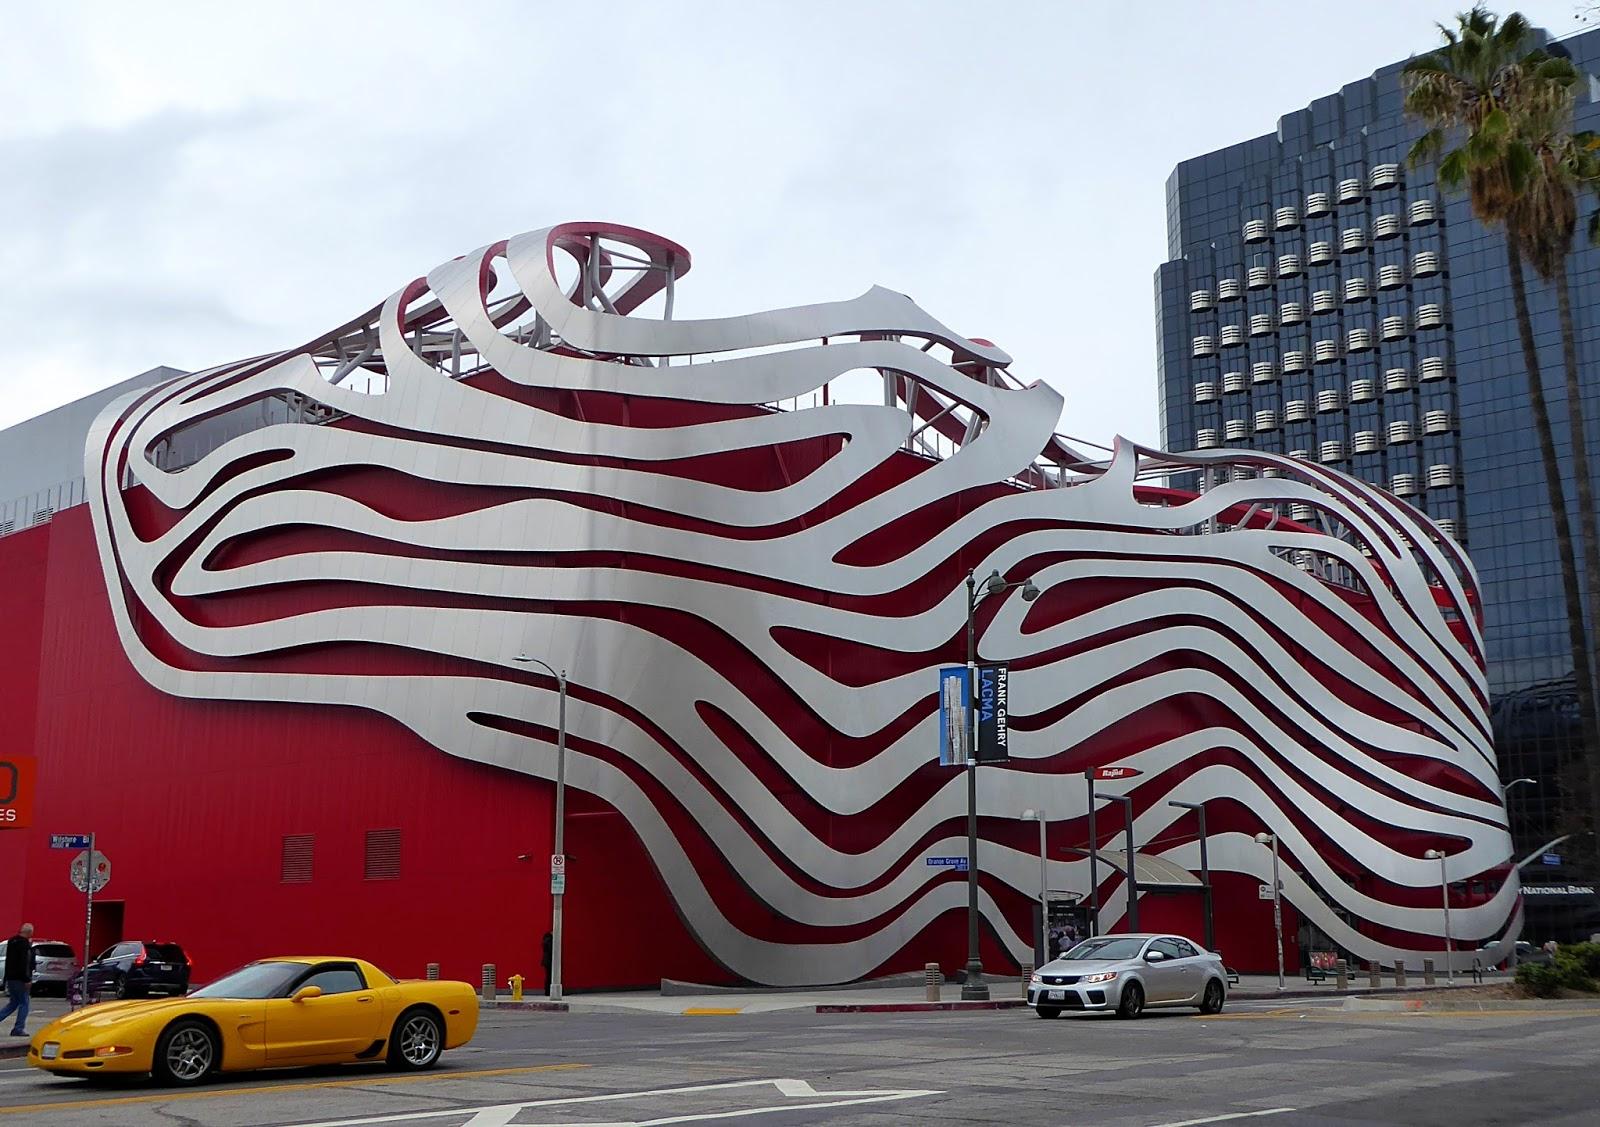 Car Museum Los Angeles >> Rouen Les Afx Petersen Automotive Museum Los Angeles